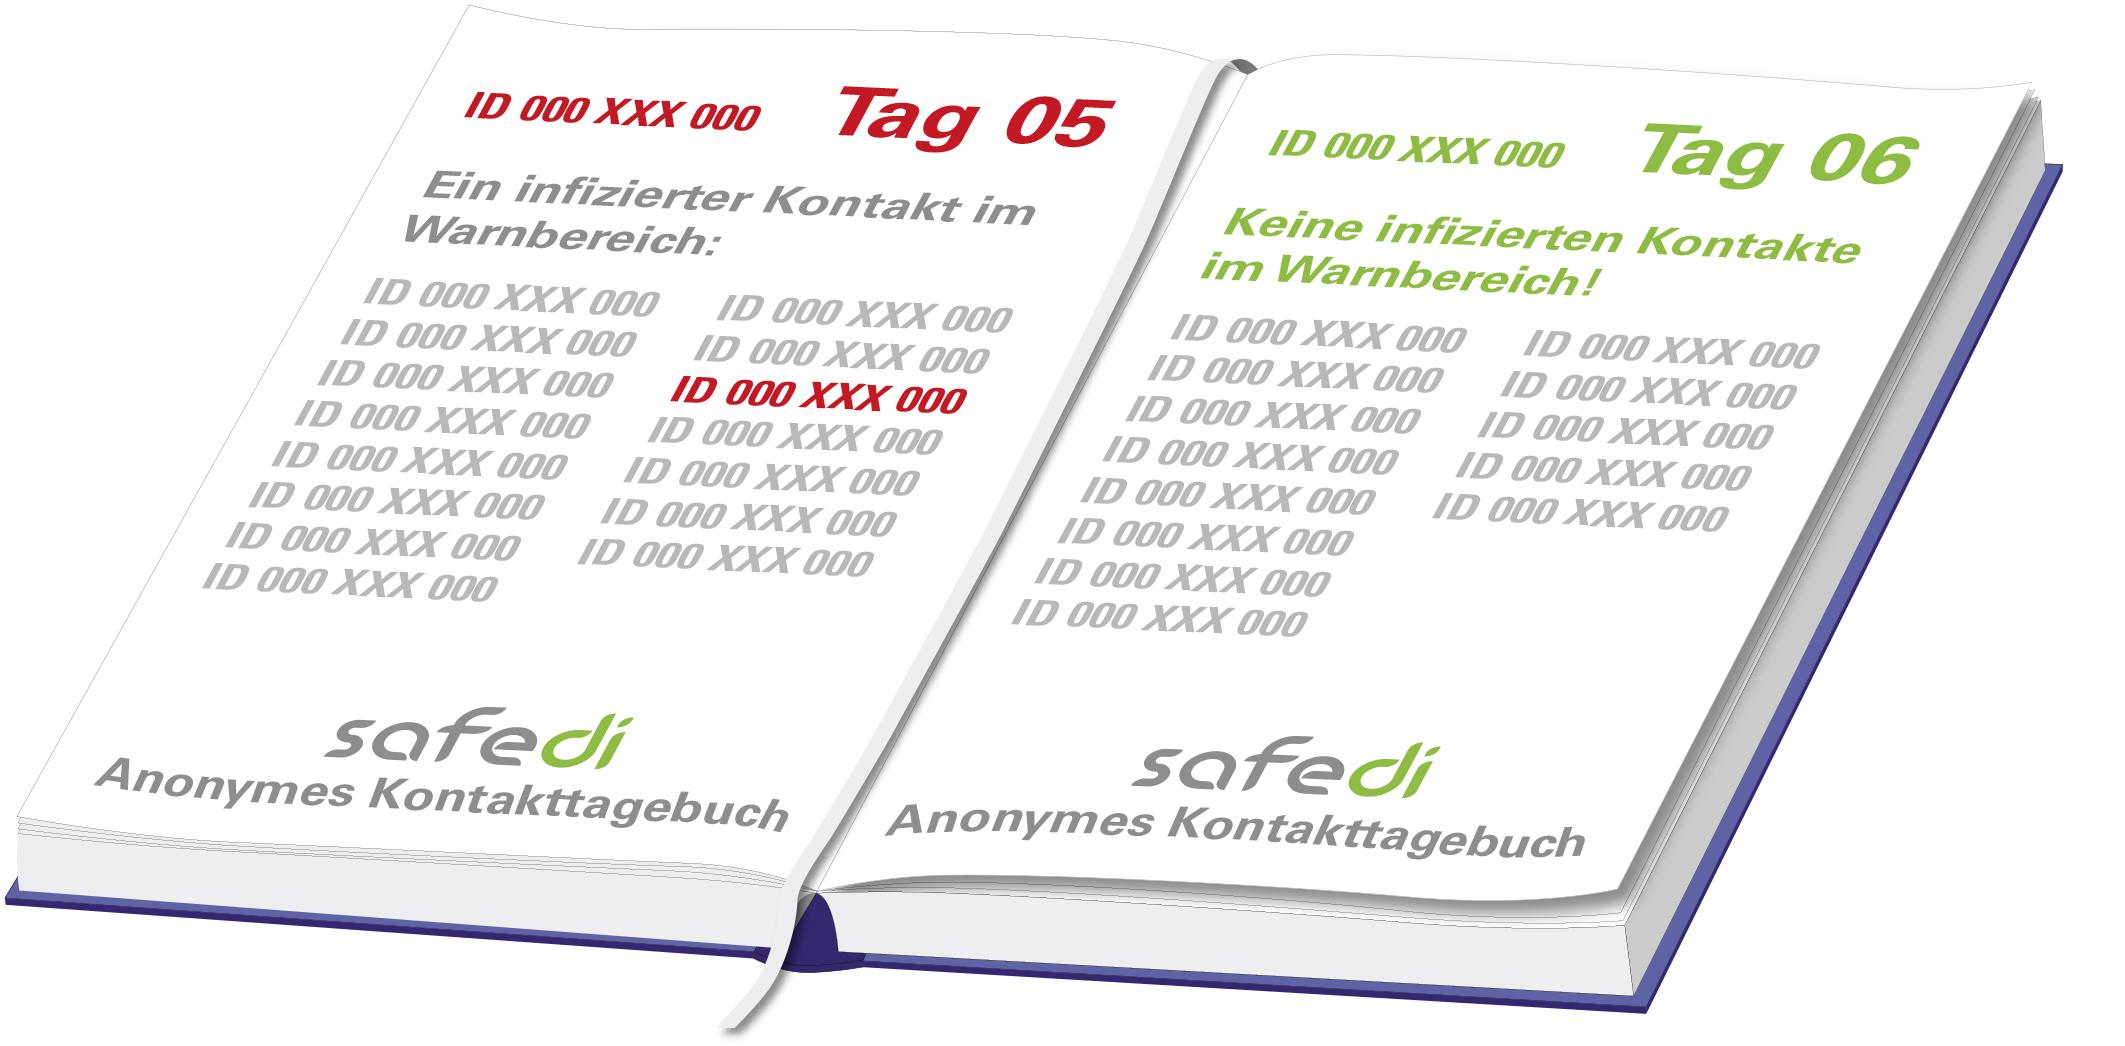 Kontakttagebuch